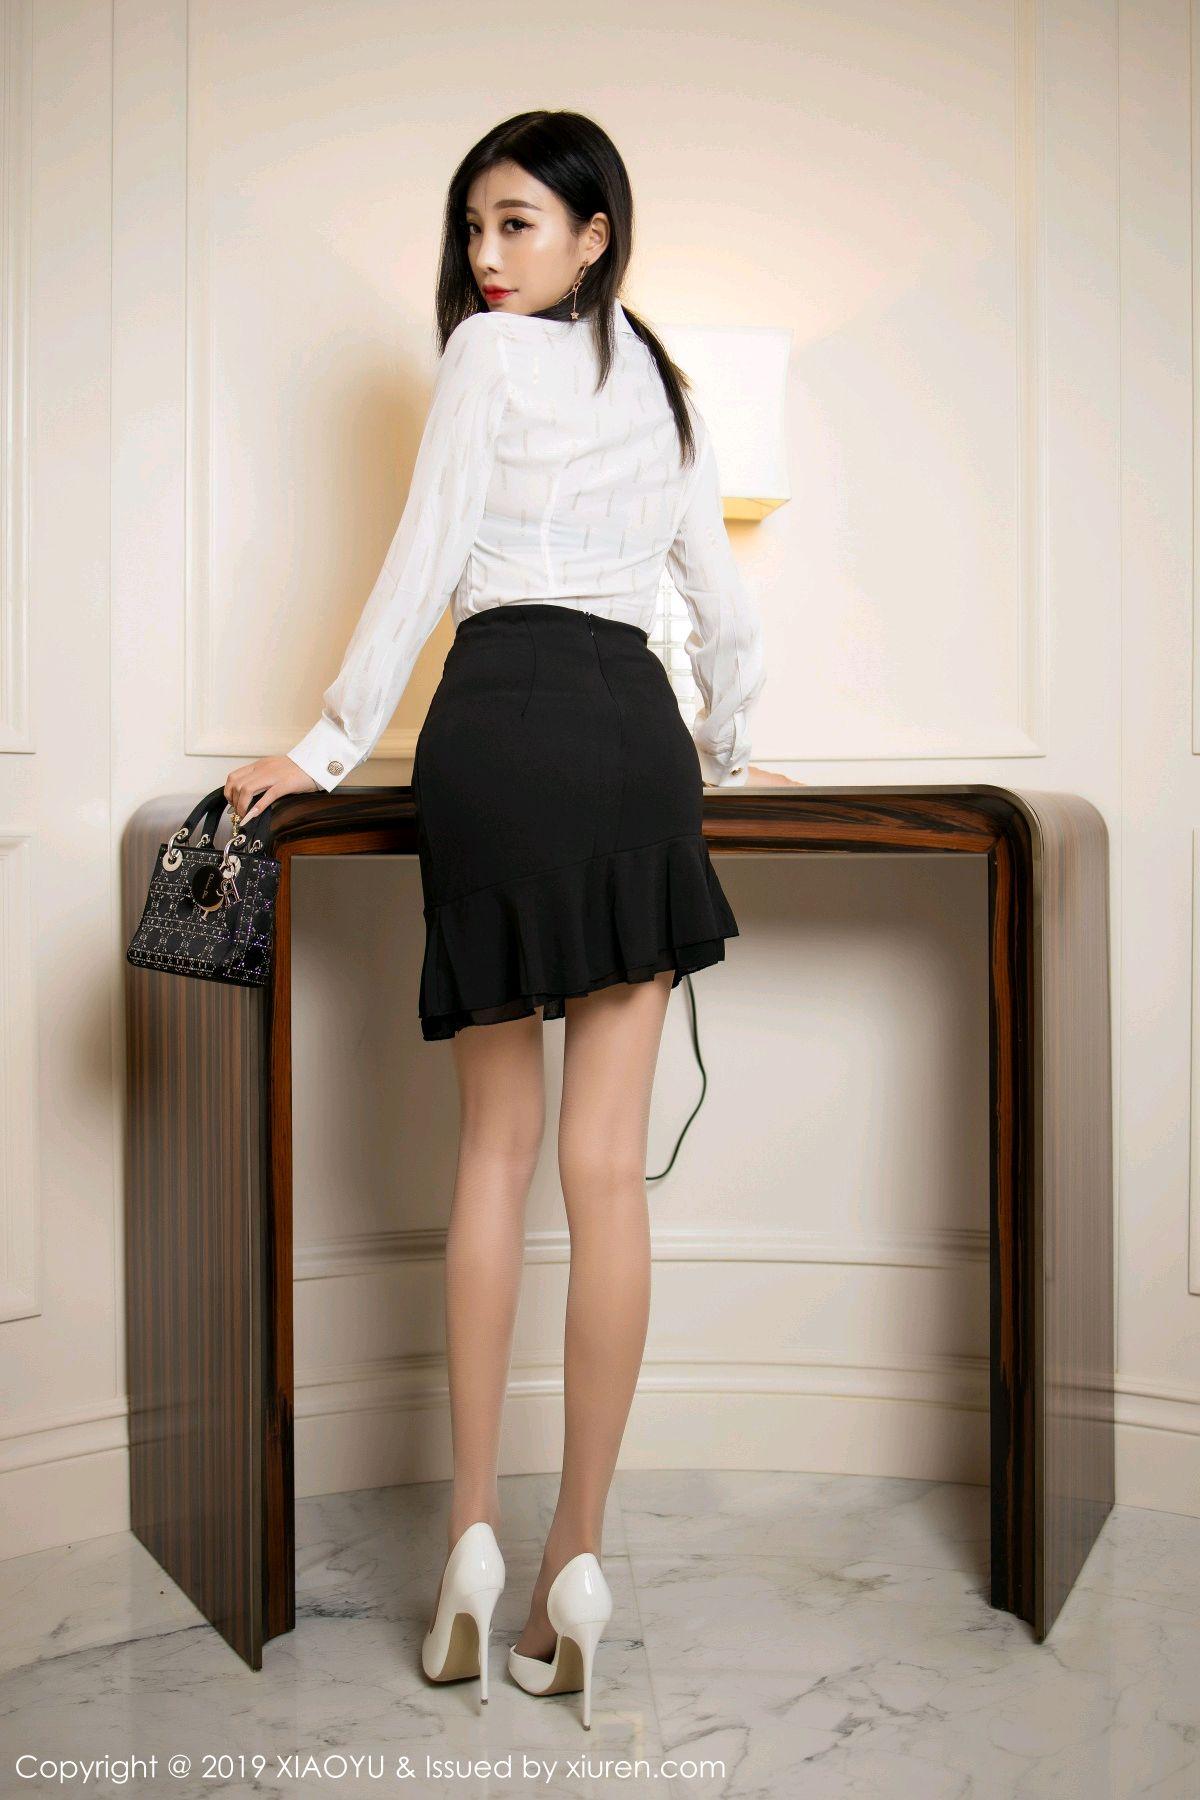 [XiaoYu] Vol.224 Yang Chen Chen 3P, Tall, Underwear, XiaoYu, Yang Chen Chen